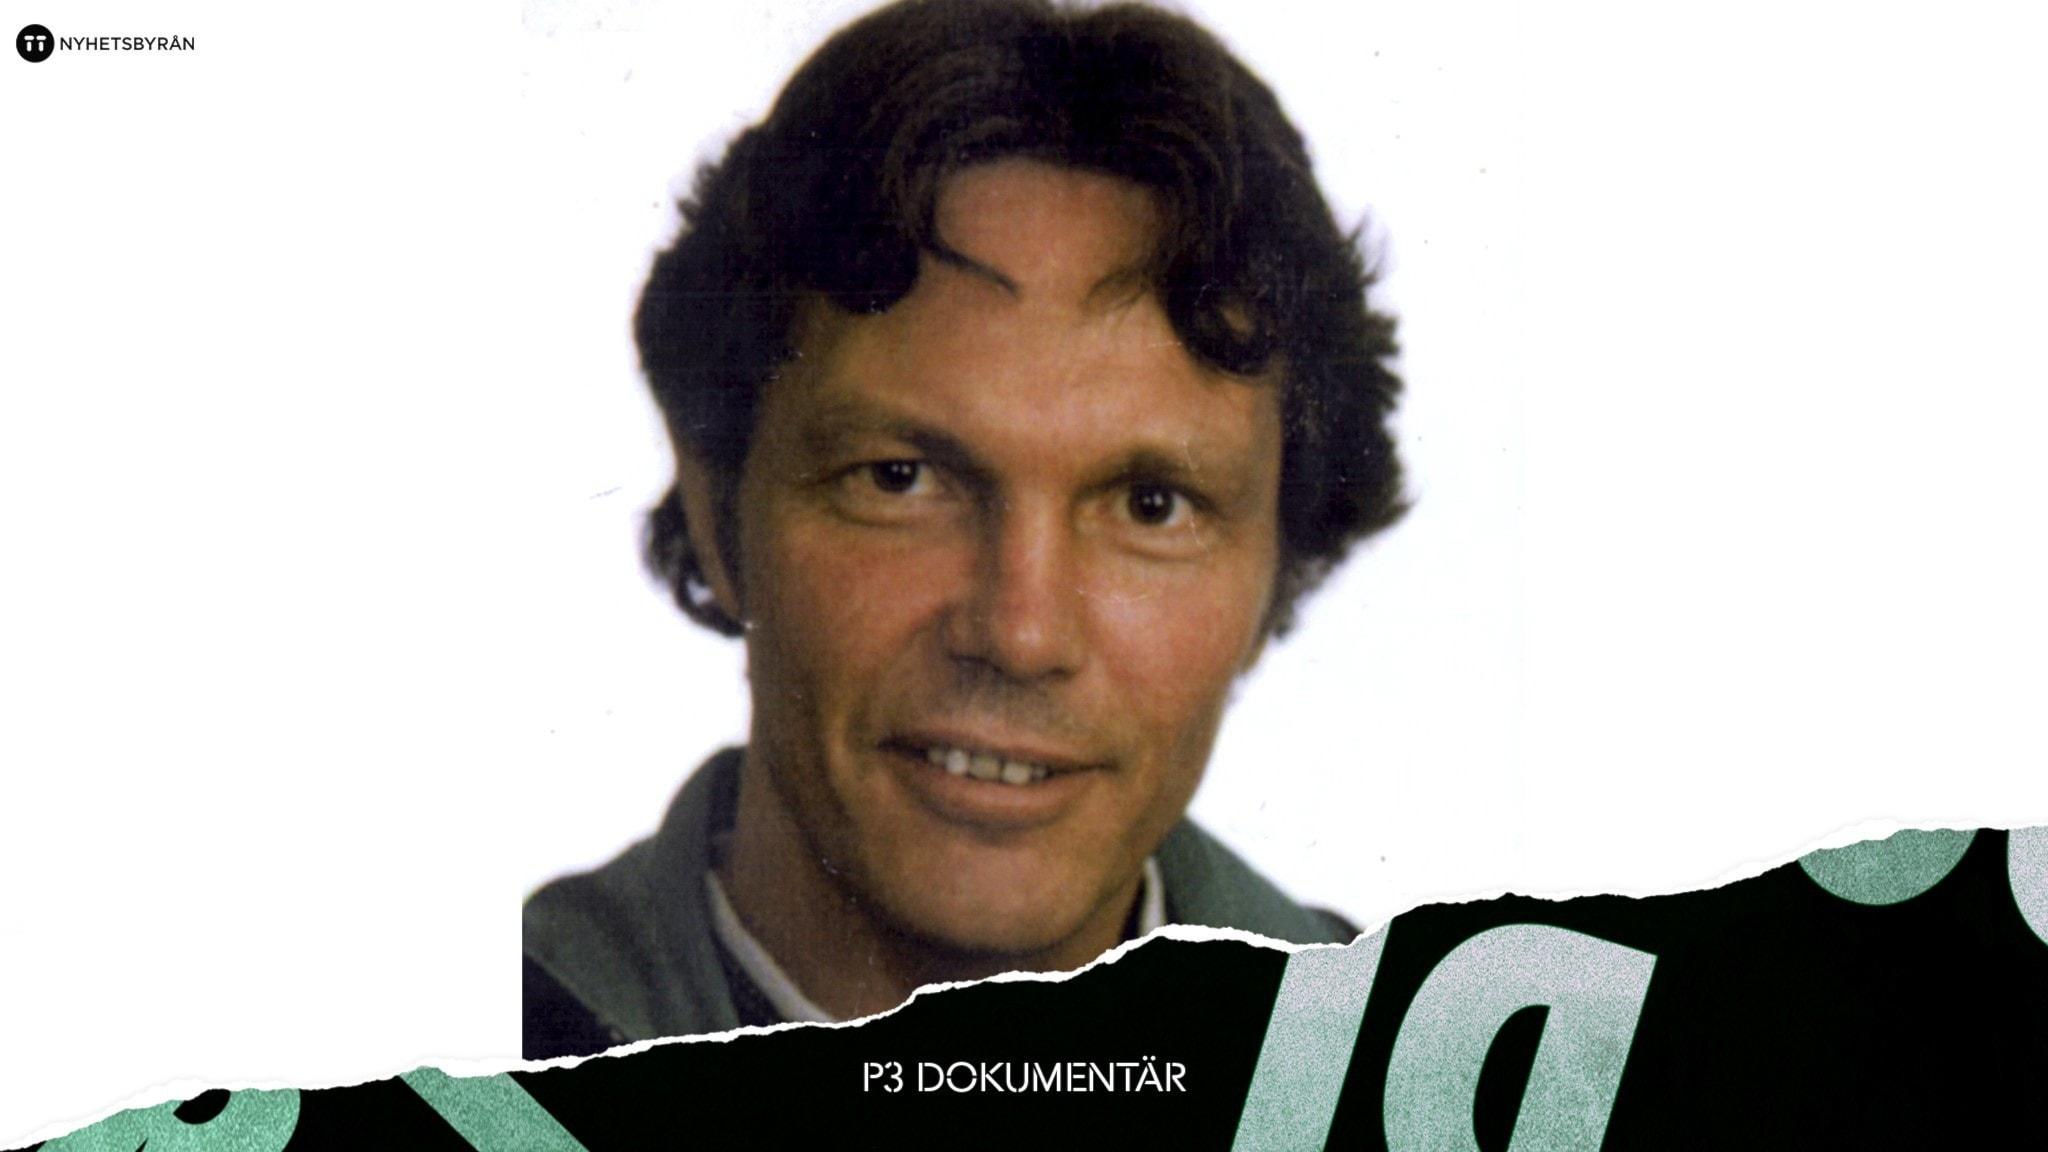 Passbild på Osmo Vallo.